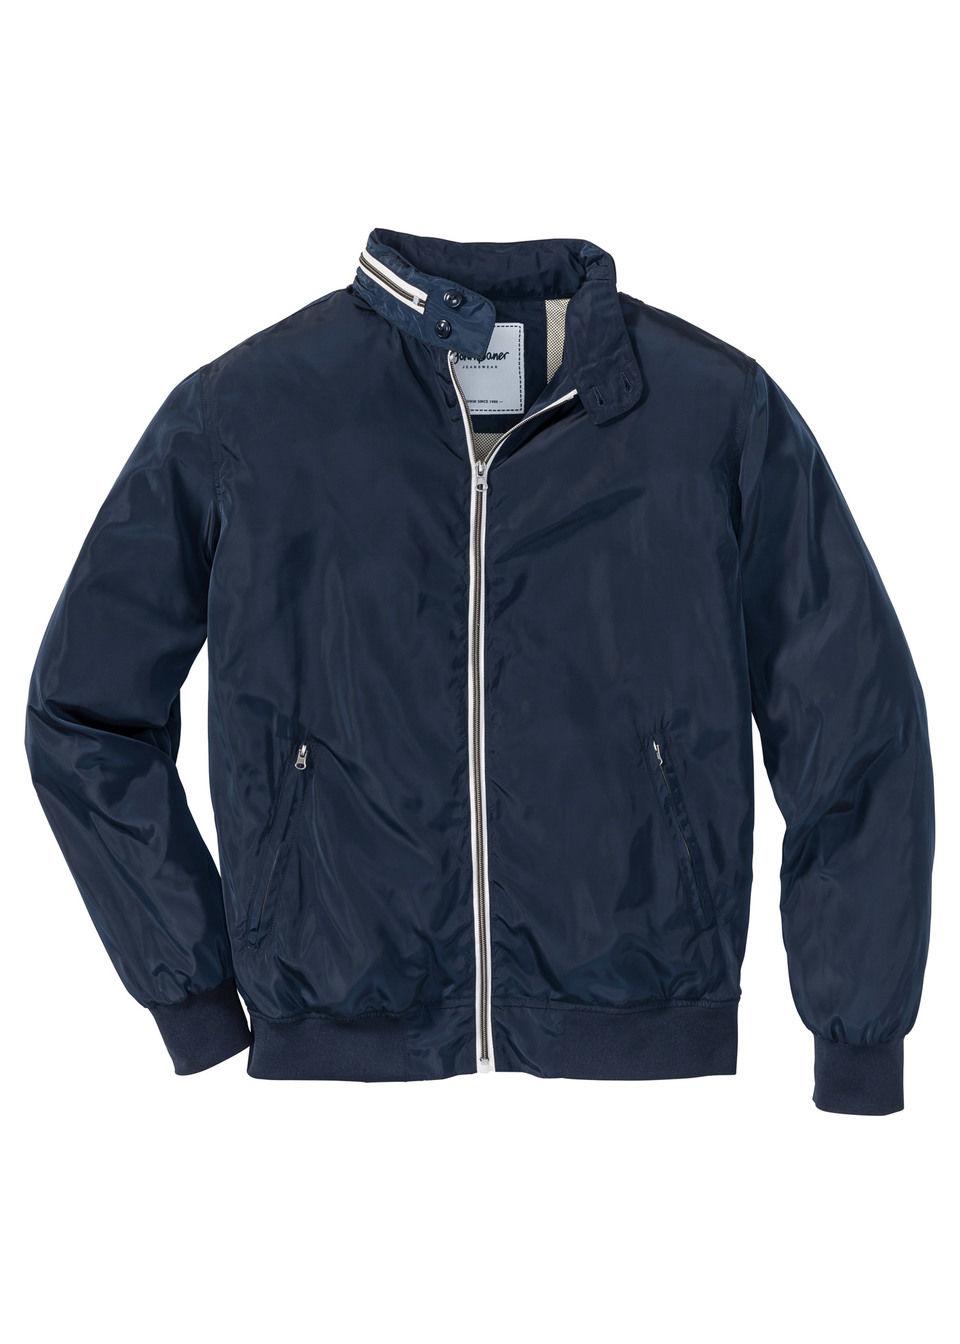 Купить Куртка-блузон Regular Fit, bonprix, темно-синий